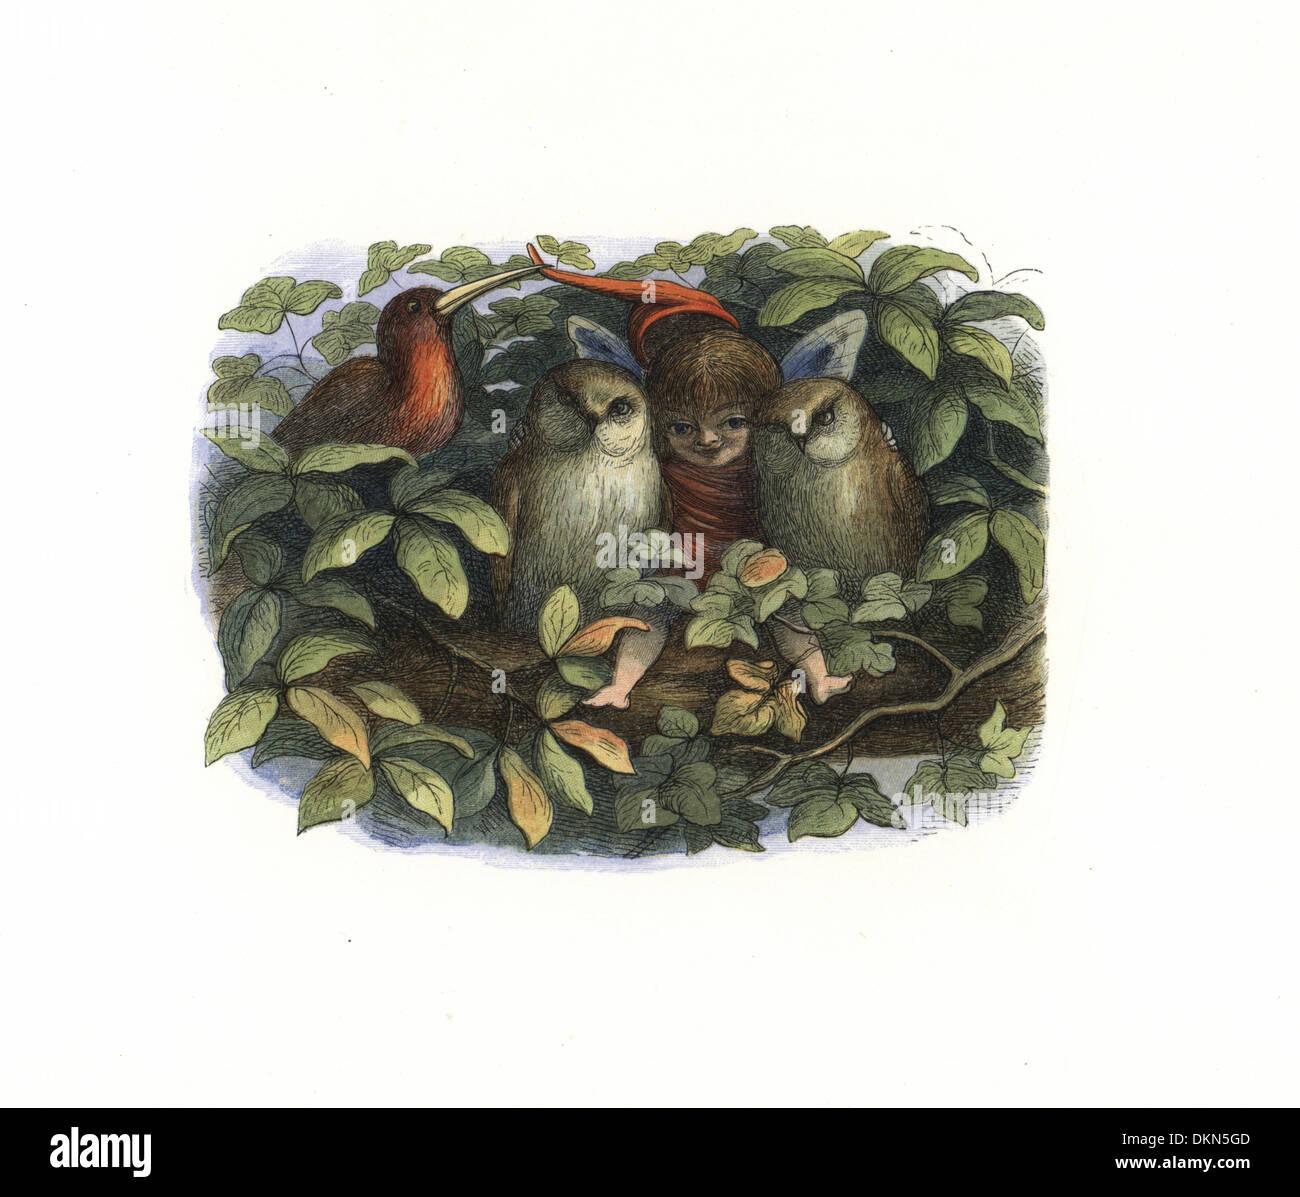 A Elf e corujas em uma árvore raminhos. Imagens de Stock